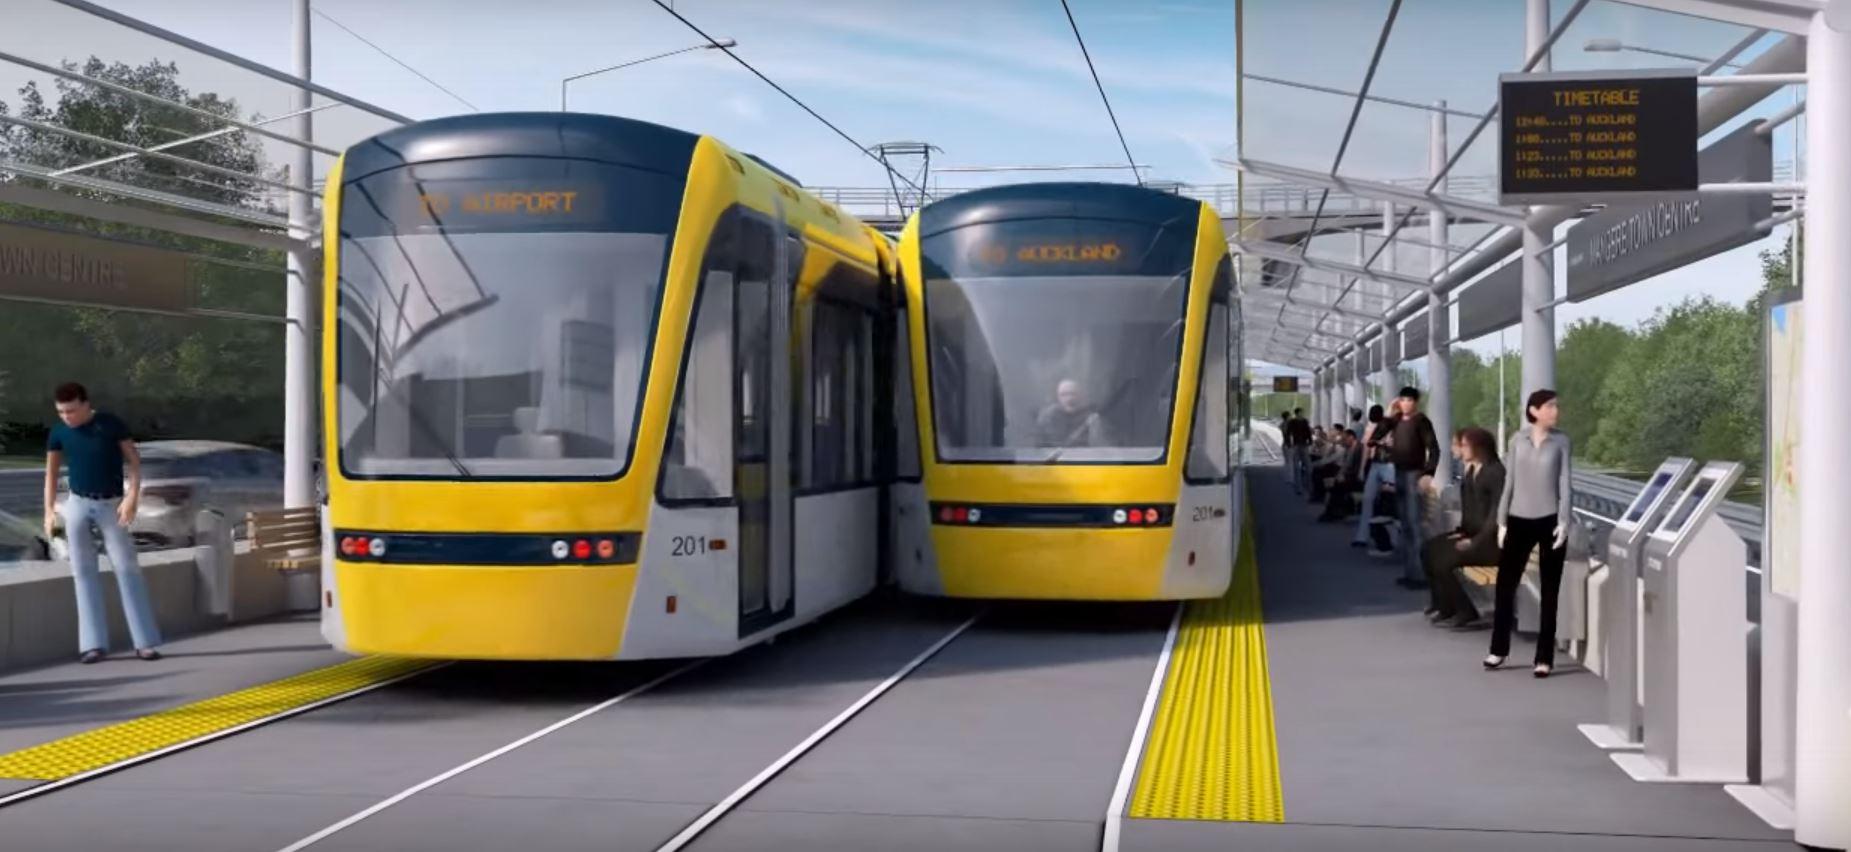 采用公交可省25亿 奥克兰CBD到机场轻轨再惹争议